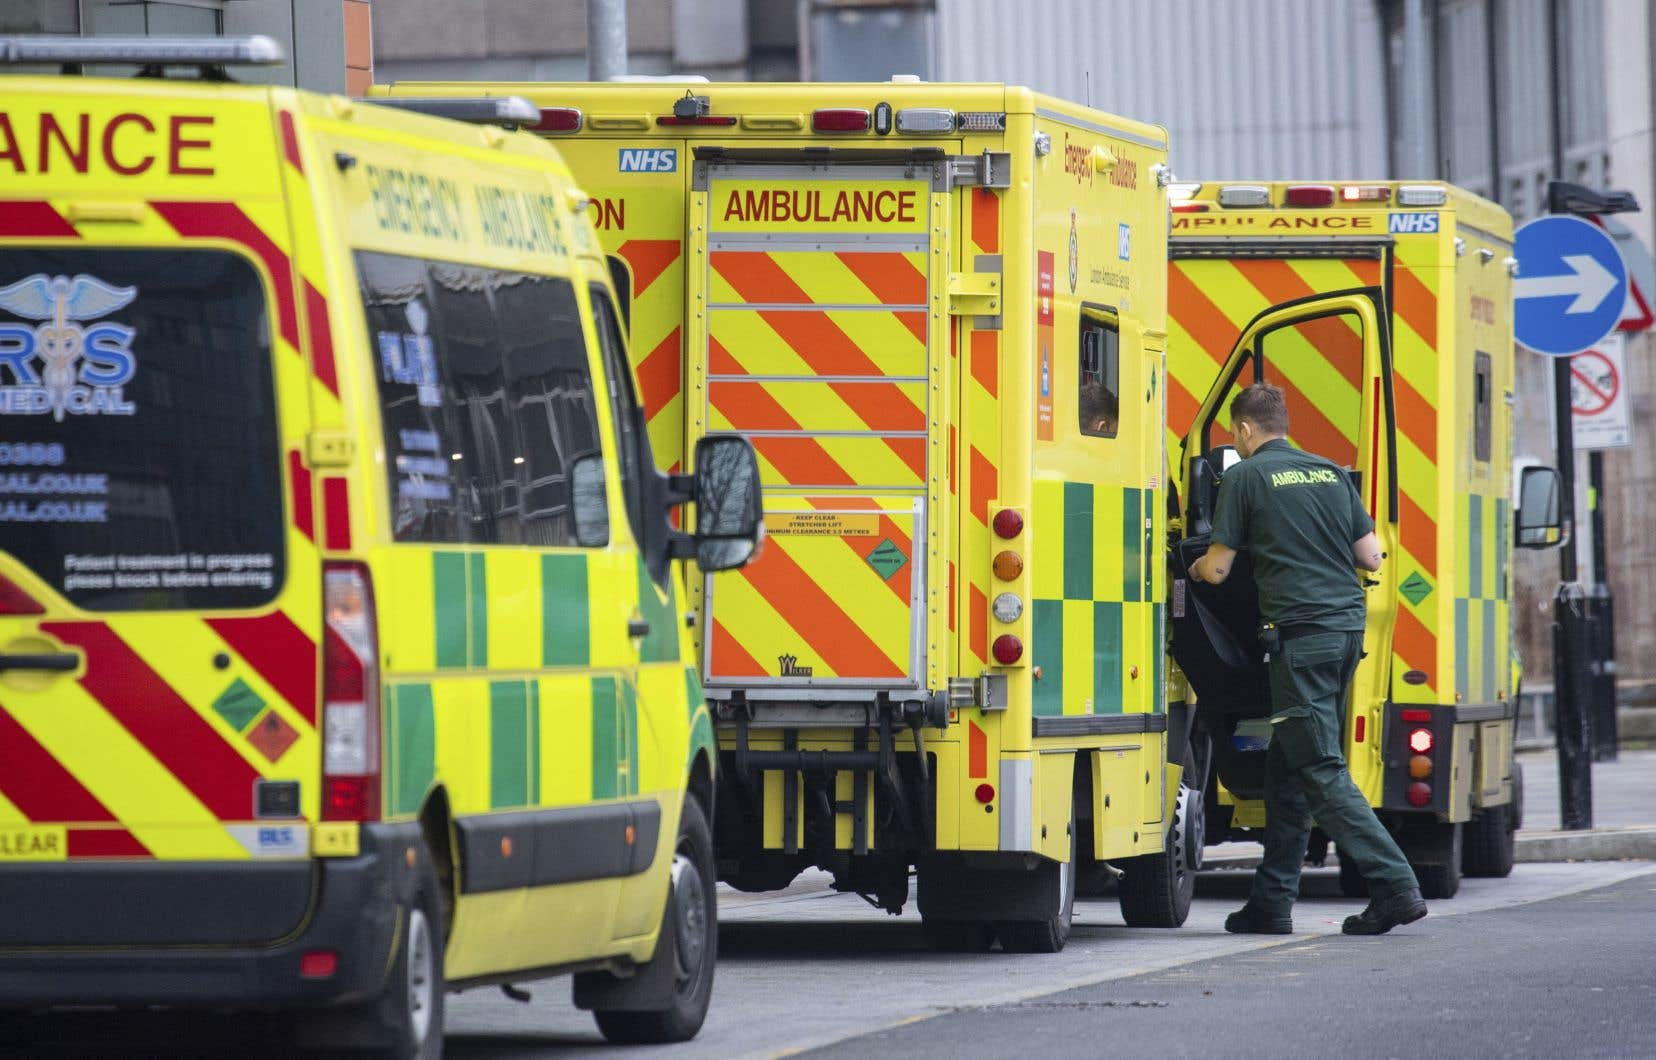 Le Royaume-Uni, un des pays les plus endeuillés d'Europe (71500 morts), a atteint mardi un record de nouveaux cas en une seule journée avec 53135 contaminations. Sur la photo, des ambulances stationnées près d'un hôpital, mardi, à Londres.